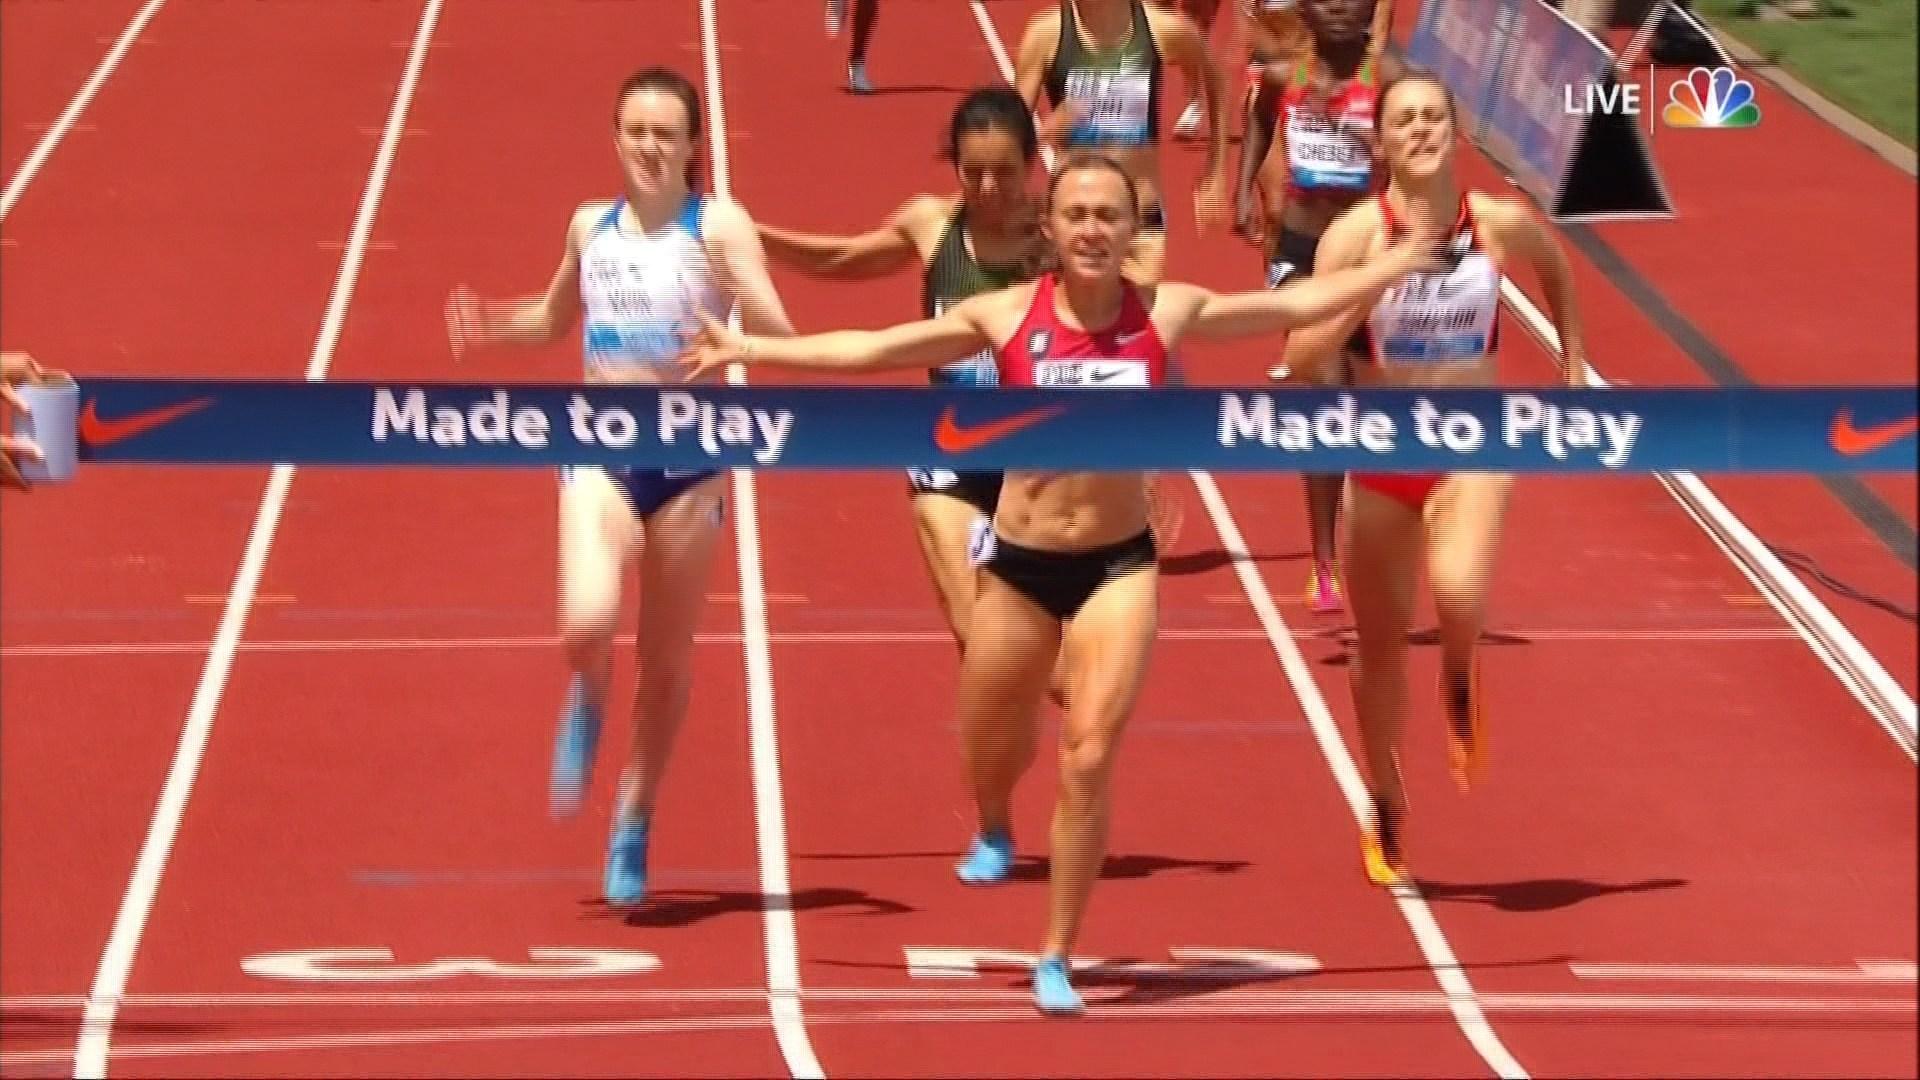 East graduate Houlihan takes world lead in 1500 meter run